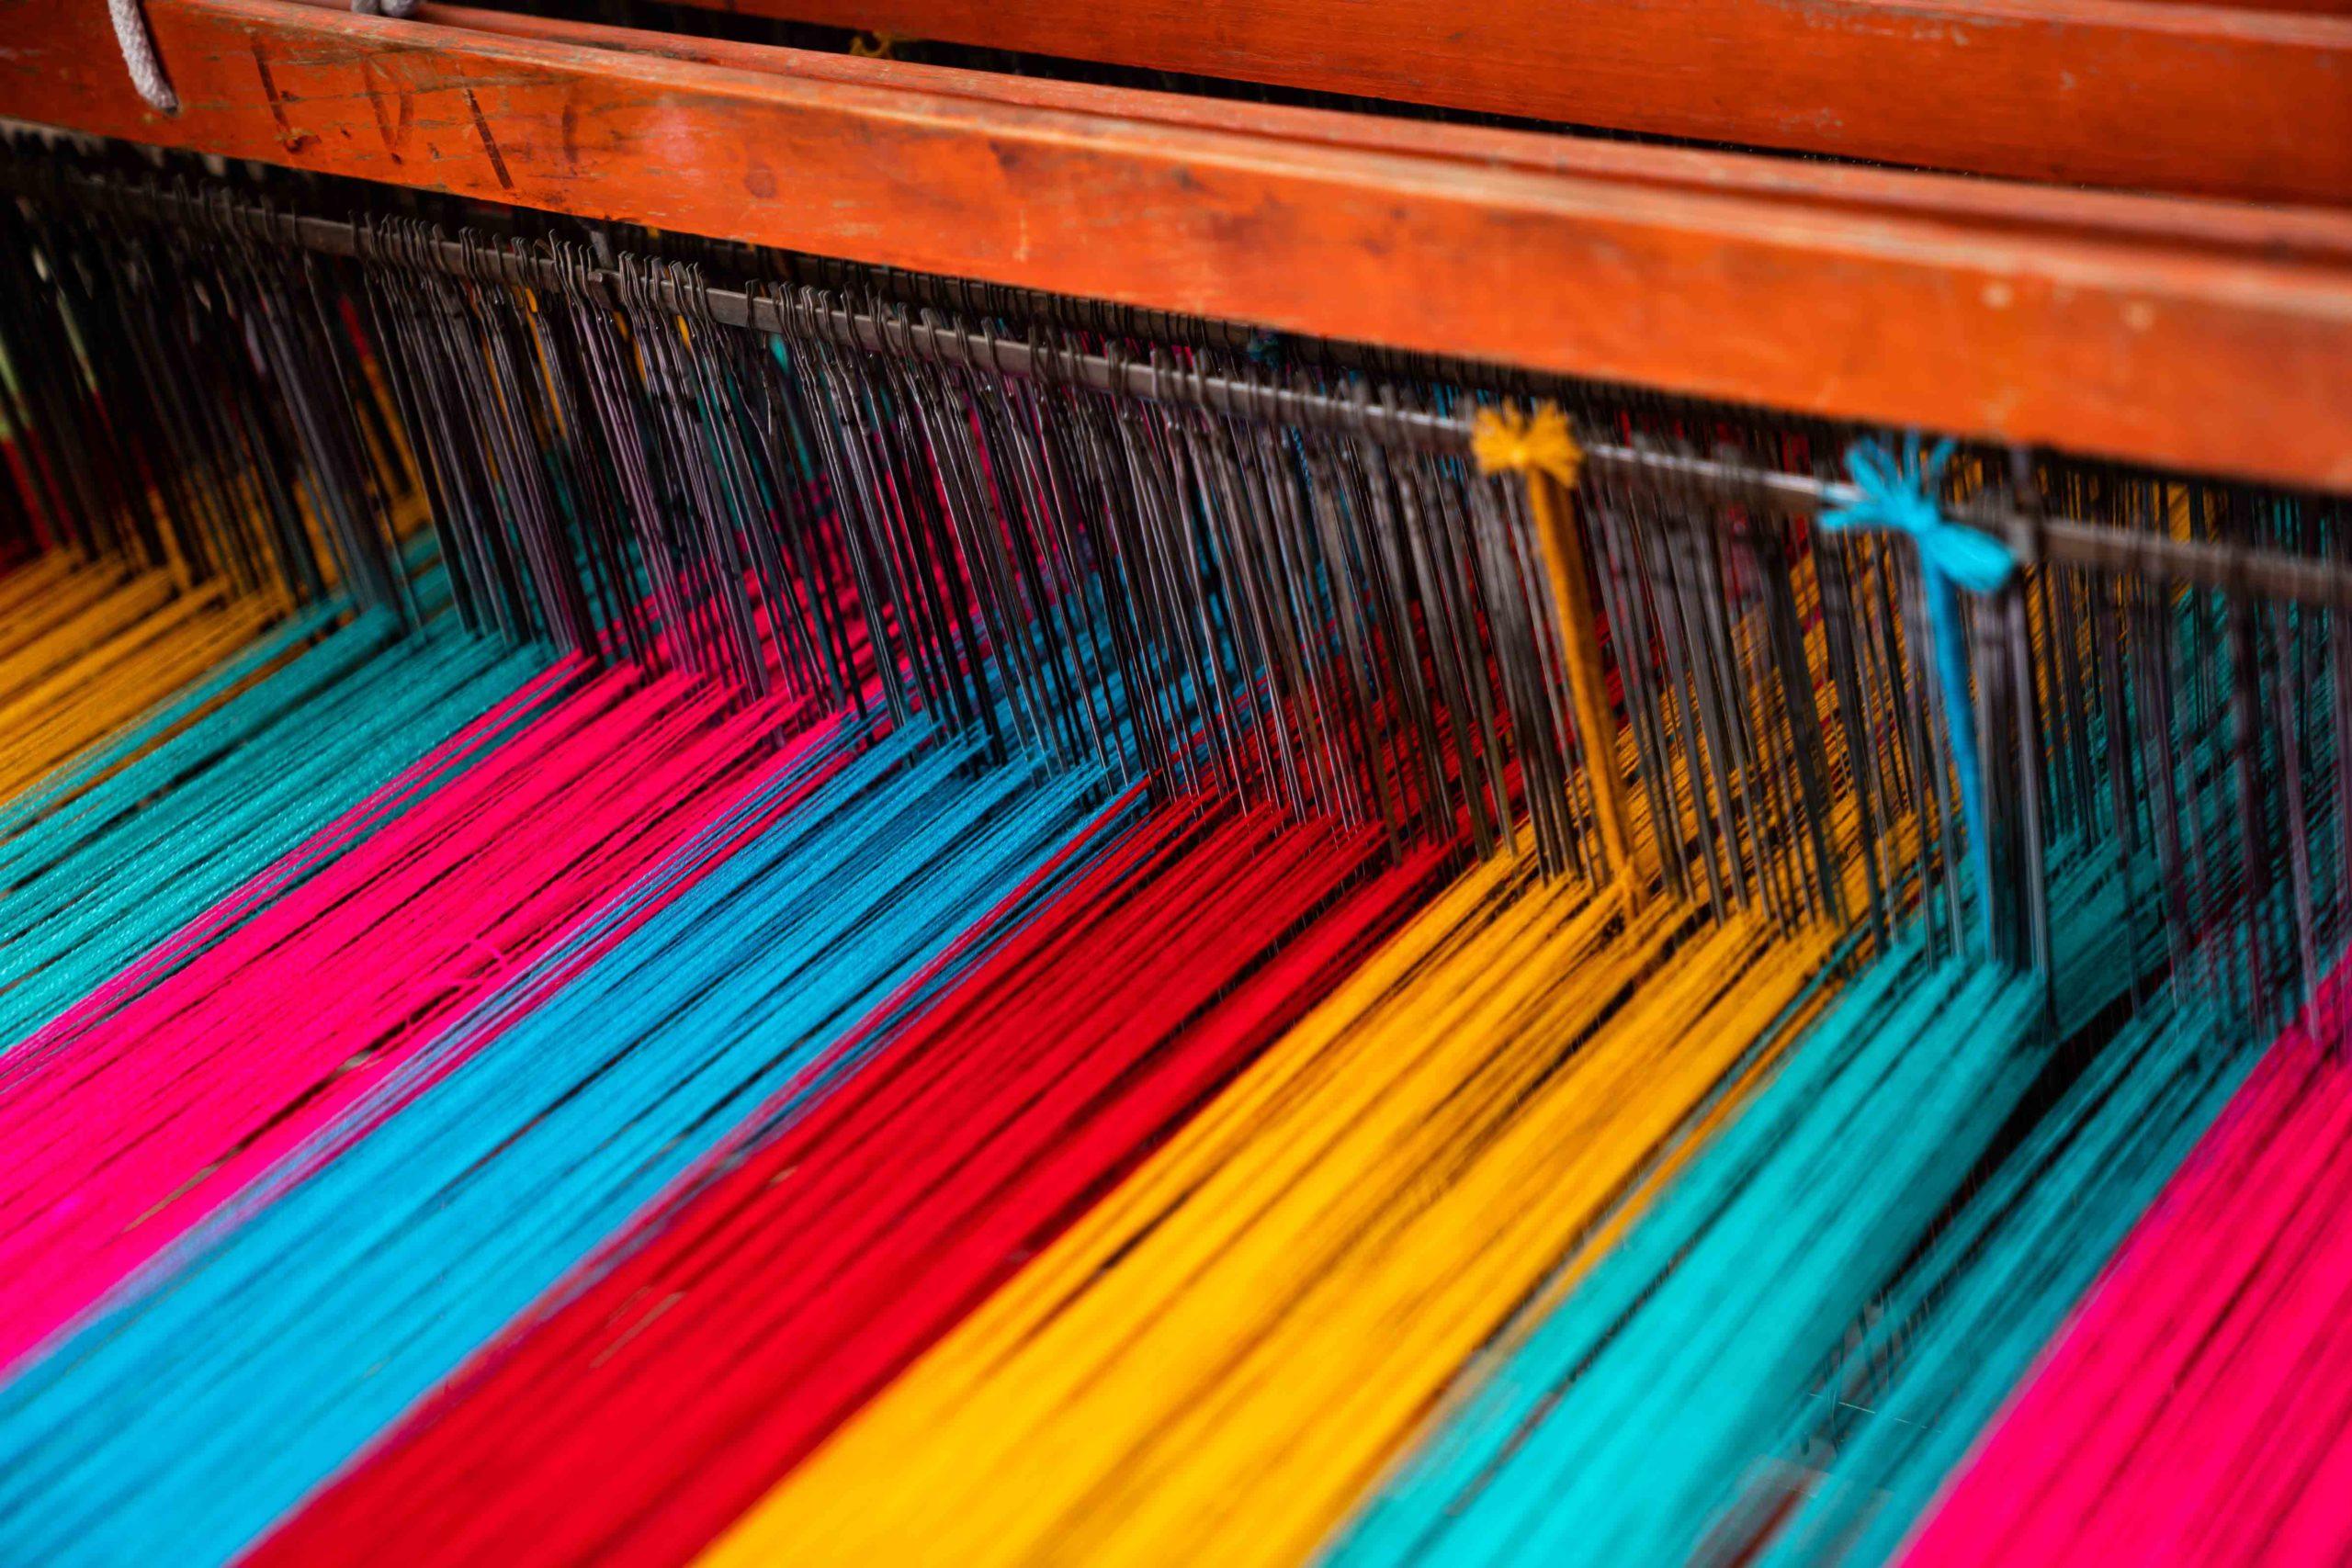 Nahaufnahme eines horizontalen Webstuhls mit dichten Fäden in rot, blau und gelb